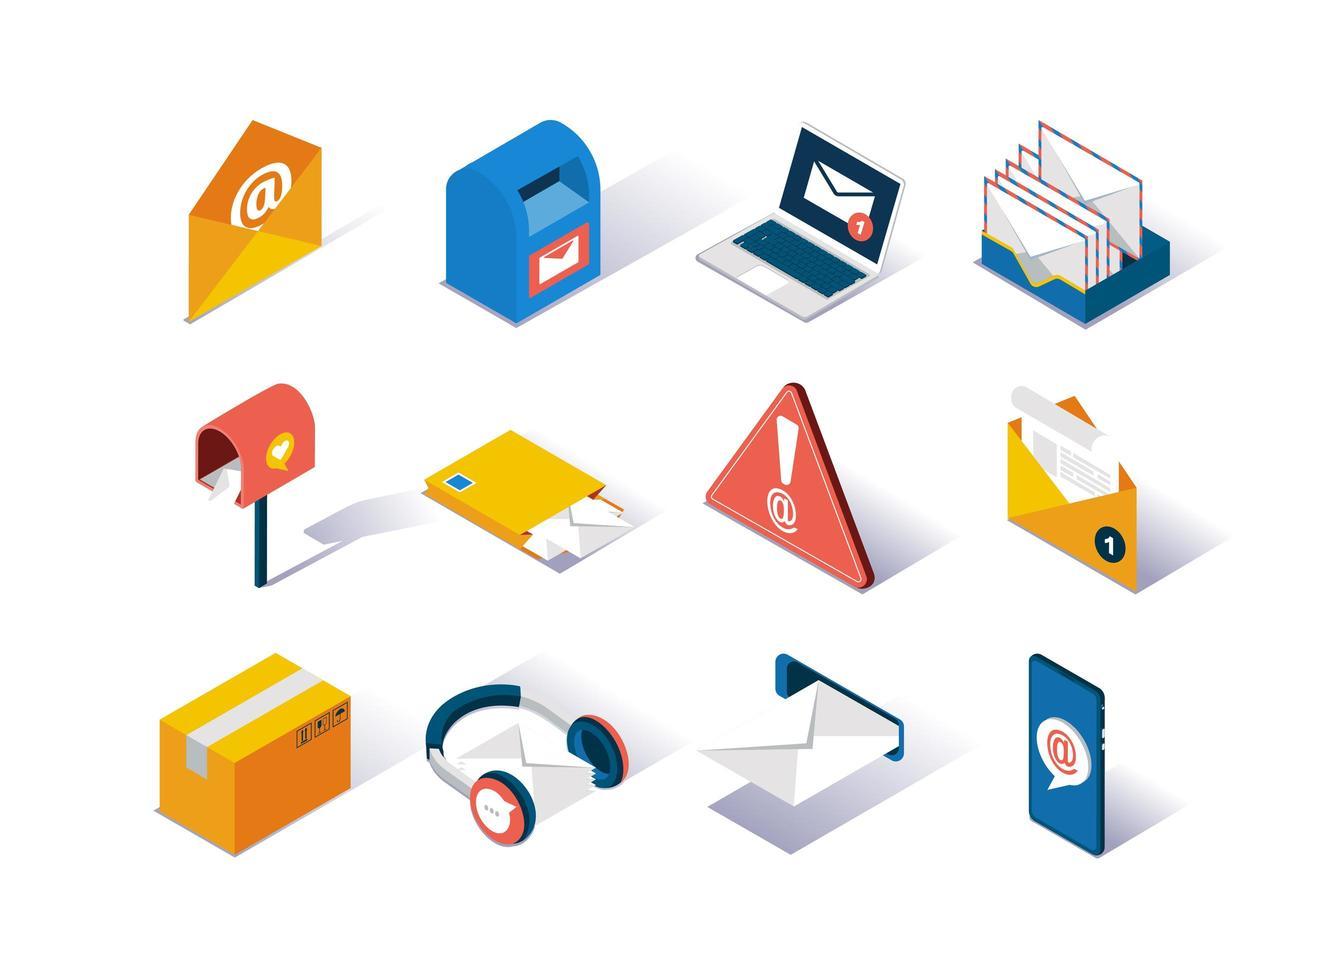 ensemble d & # 39; icônes isométriques de fournisseur de services de messagerie vecteur